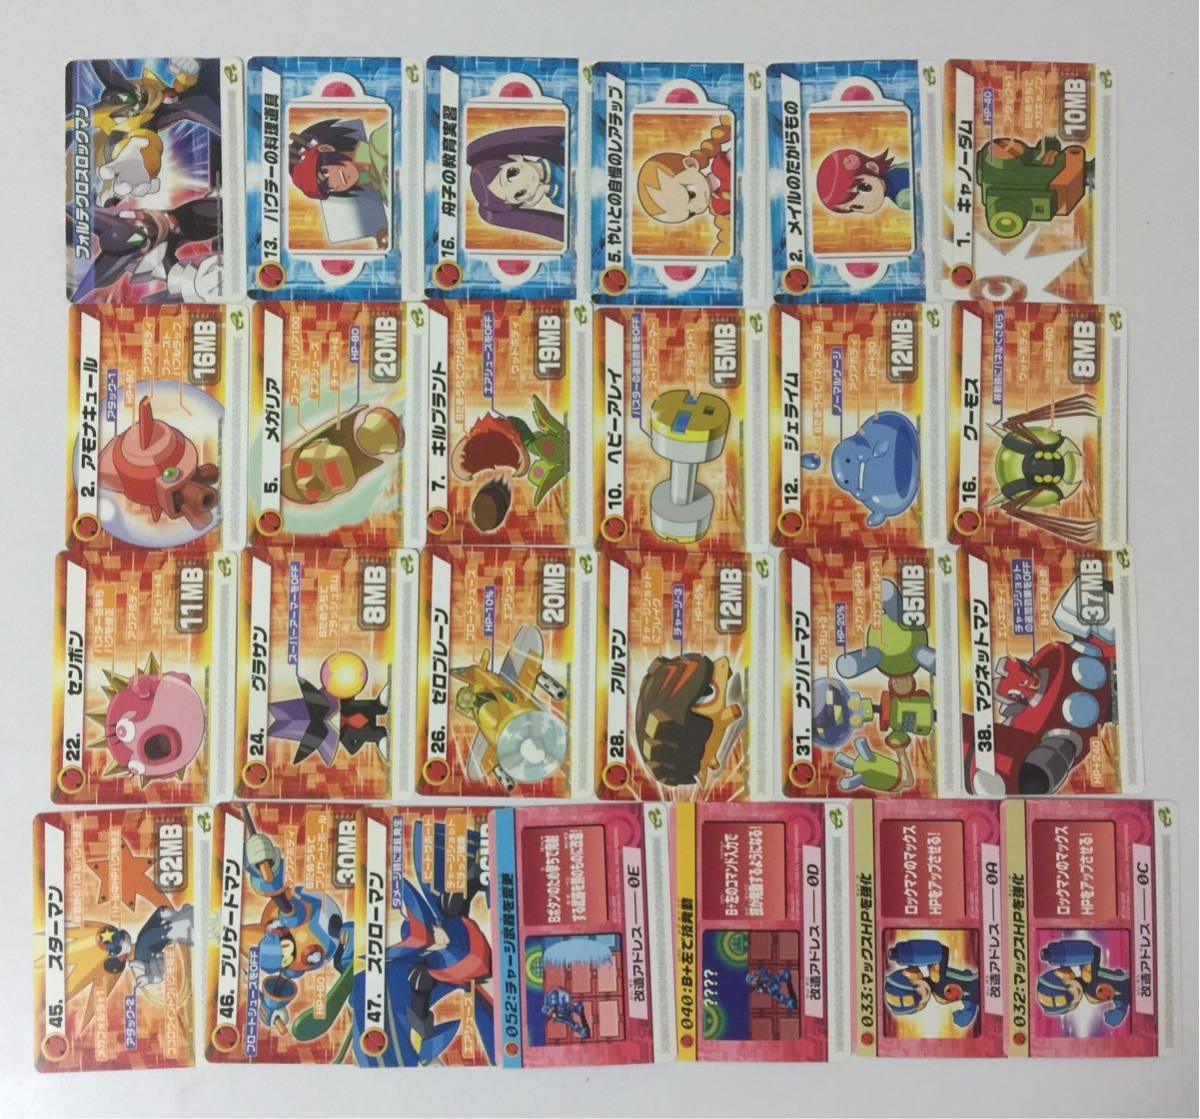 ロックマンエグゼ 改造カード フォルテクロスロックマン スペシャルカード 4 5 6 まとめてセット